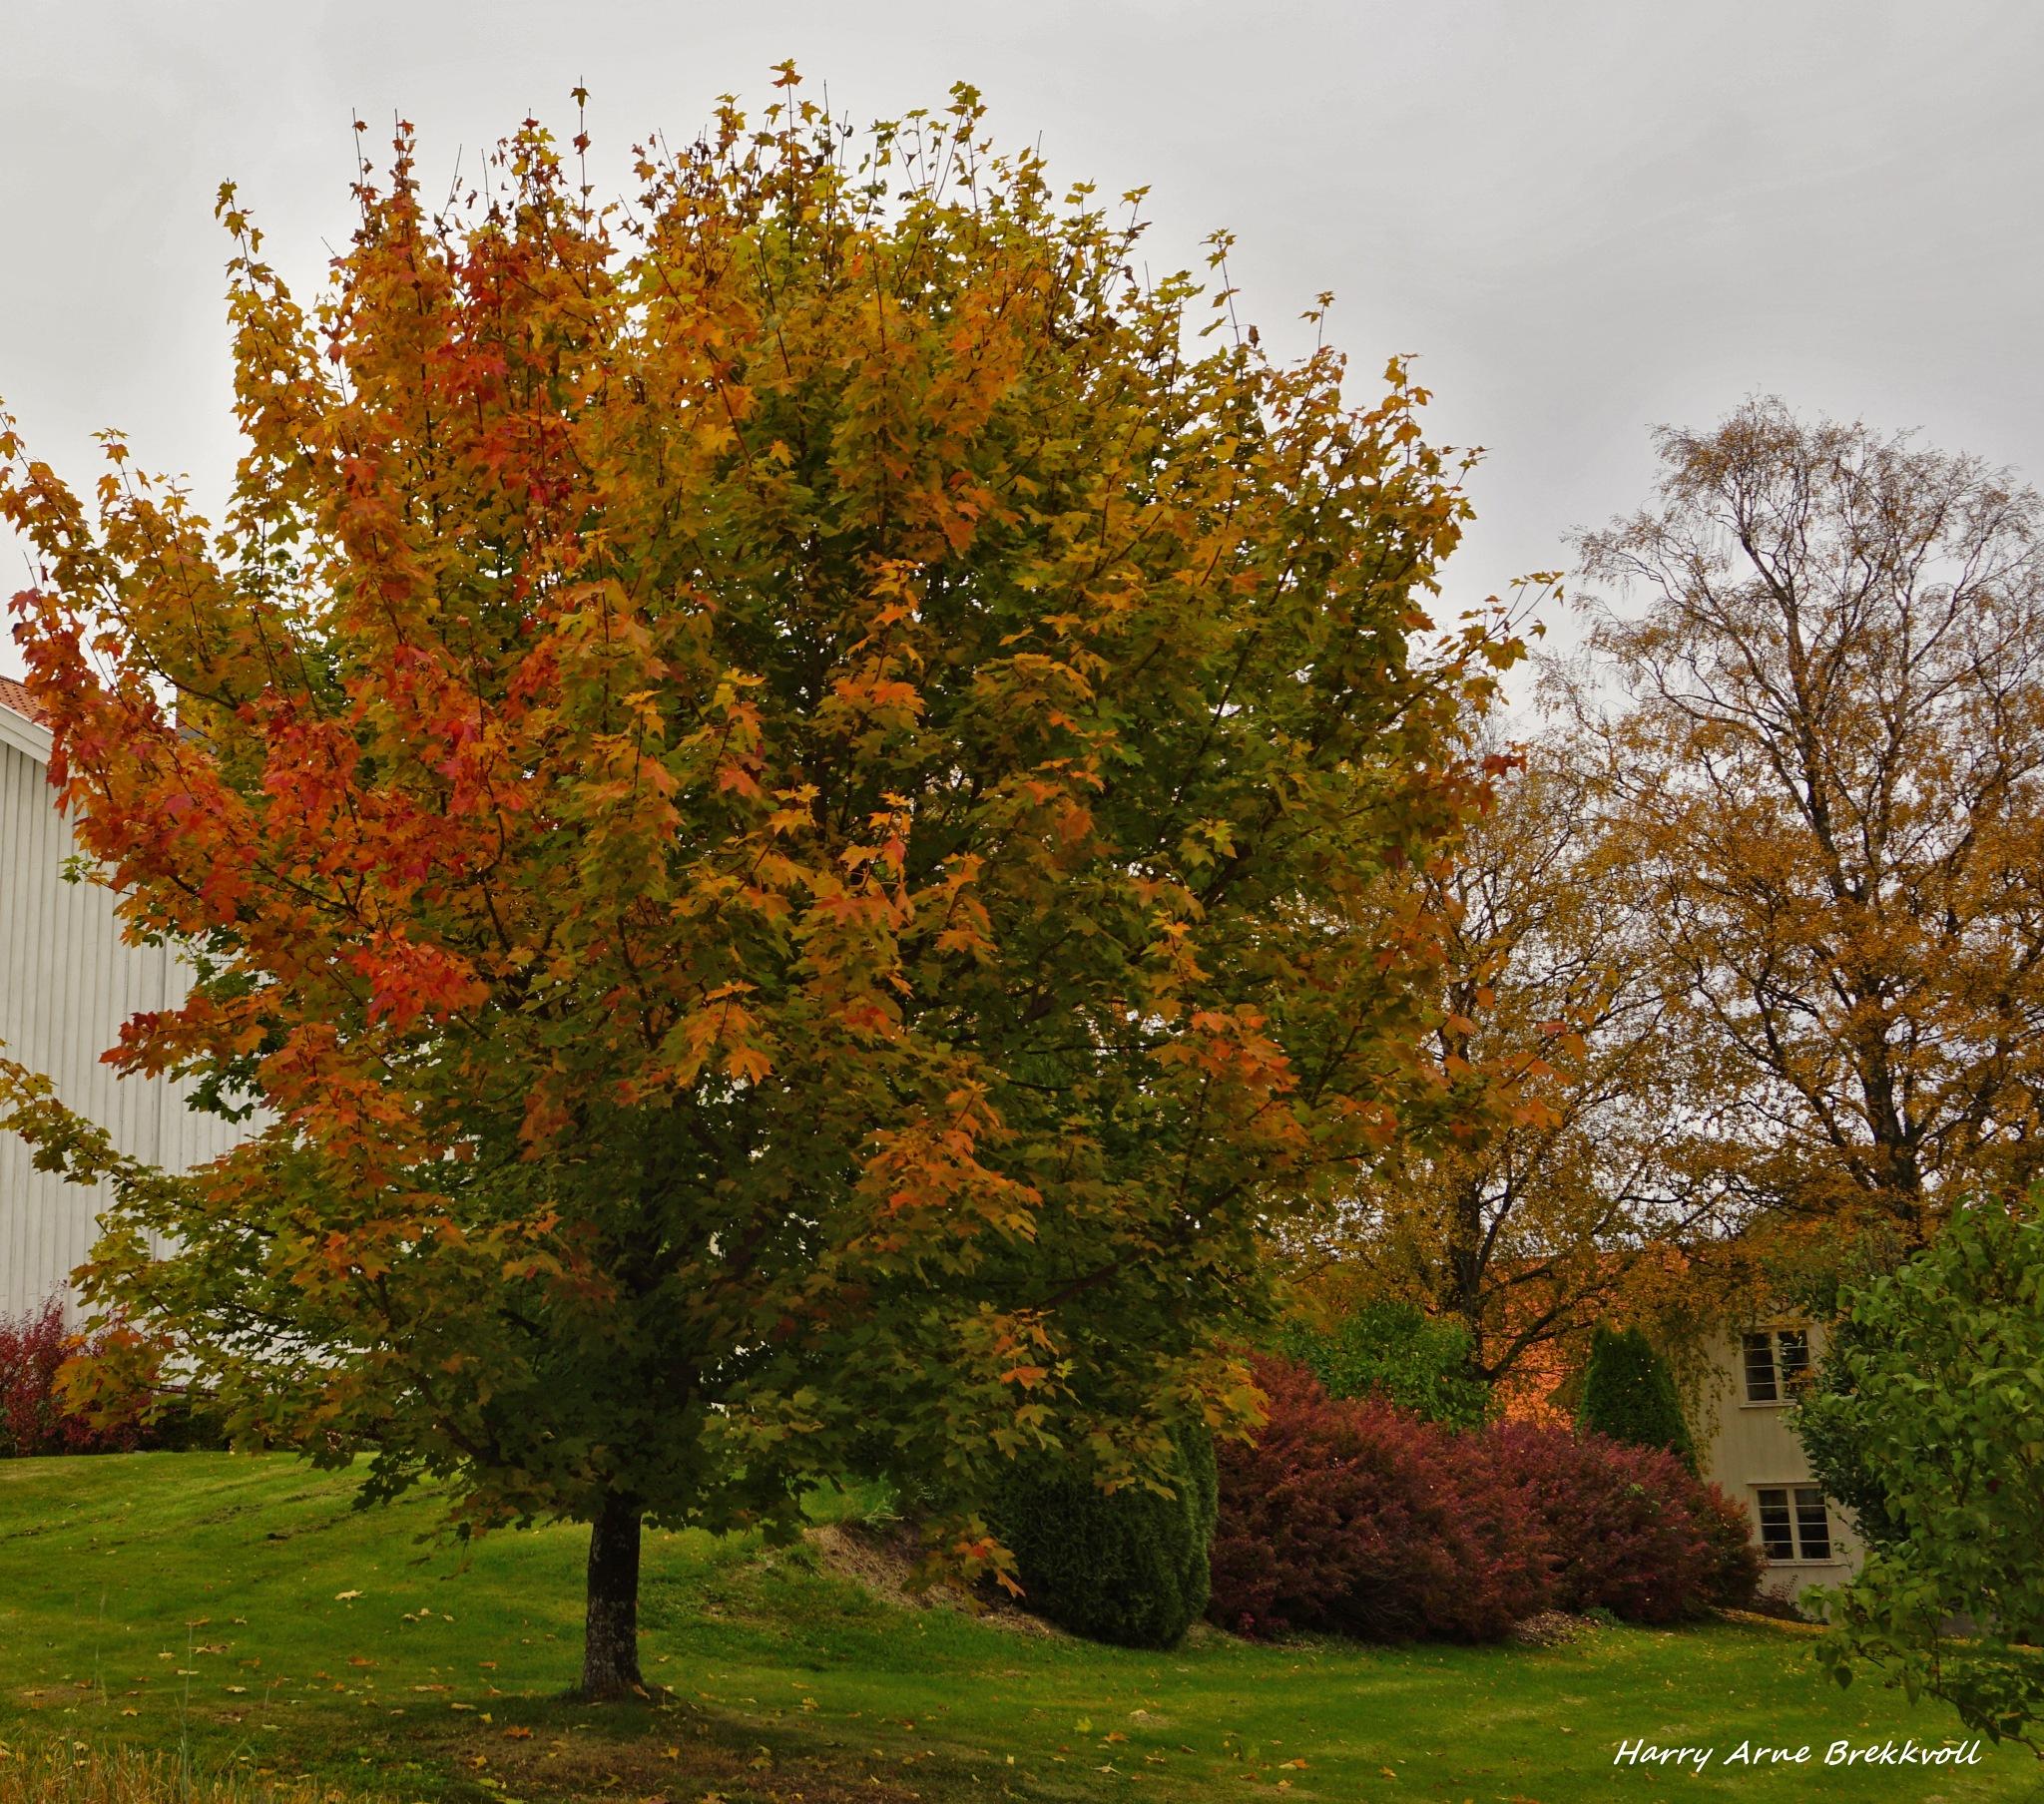 Autumn by Phero